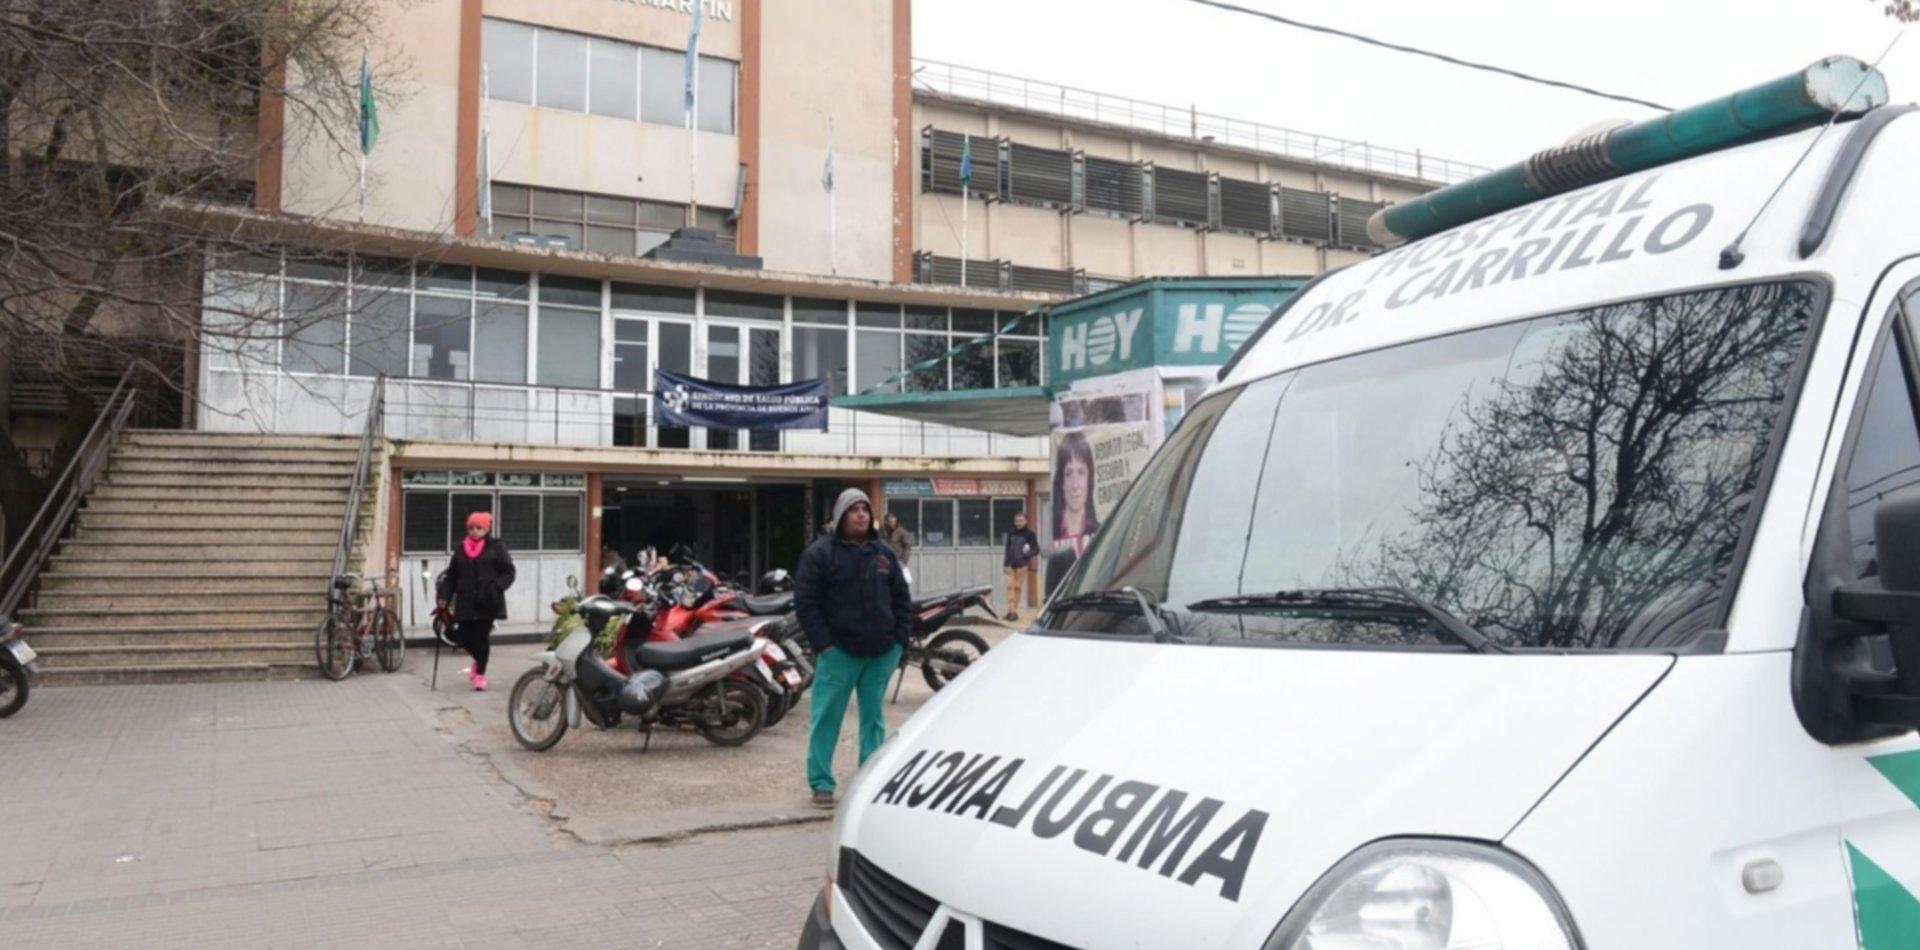 Murió un hombre que había sido atropellado por un auto en La Plata